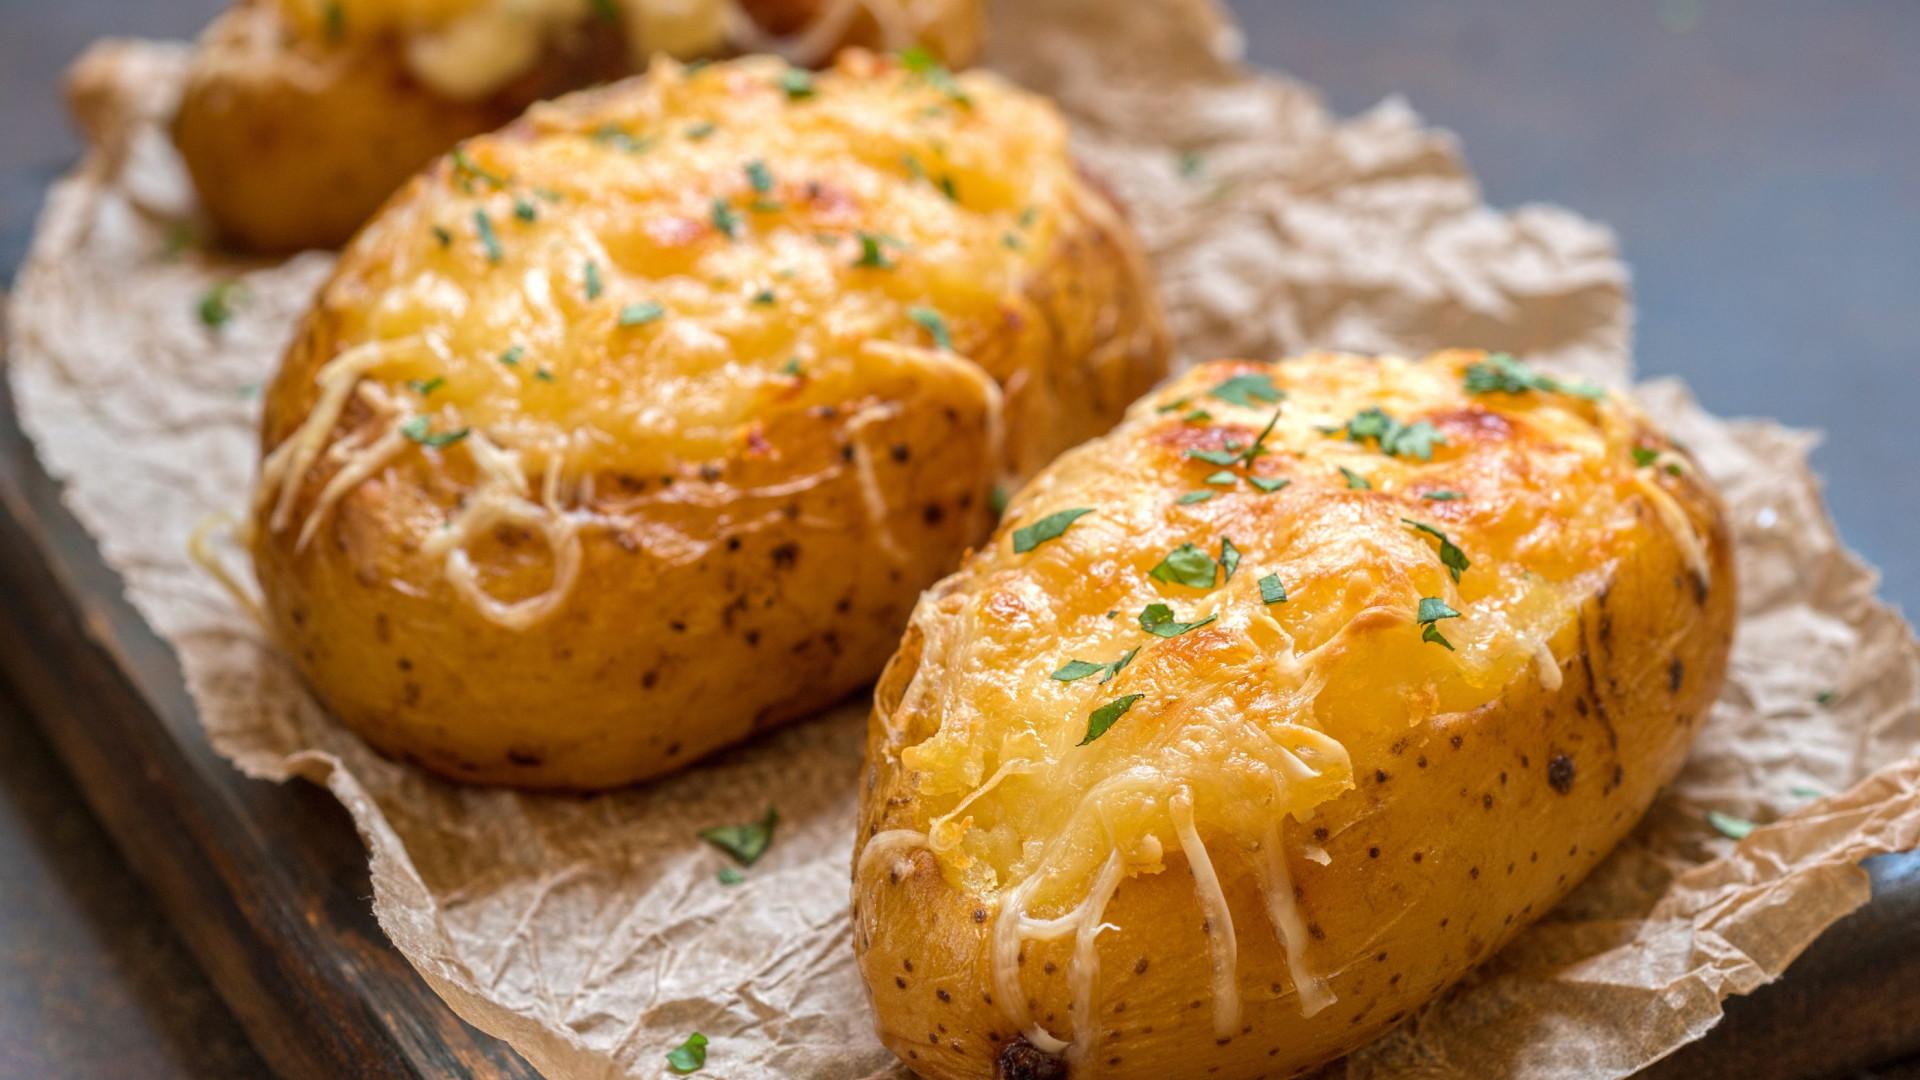 Alimento fora de moda: Millennials são os culpados pela 'crise da batata'